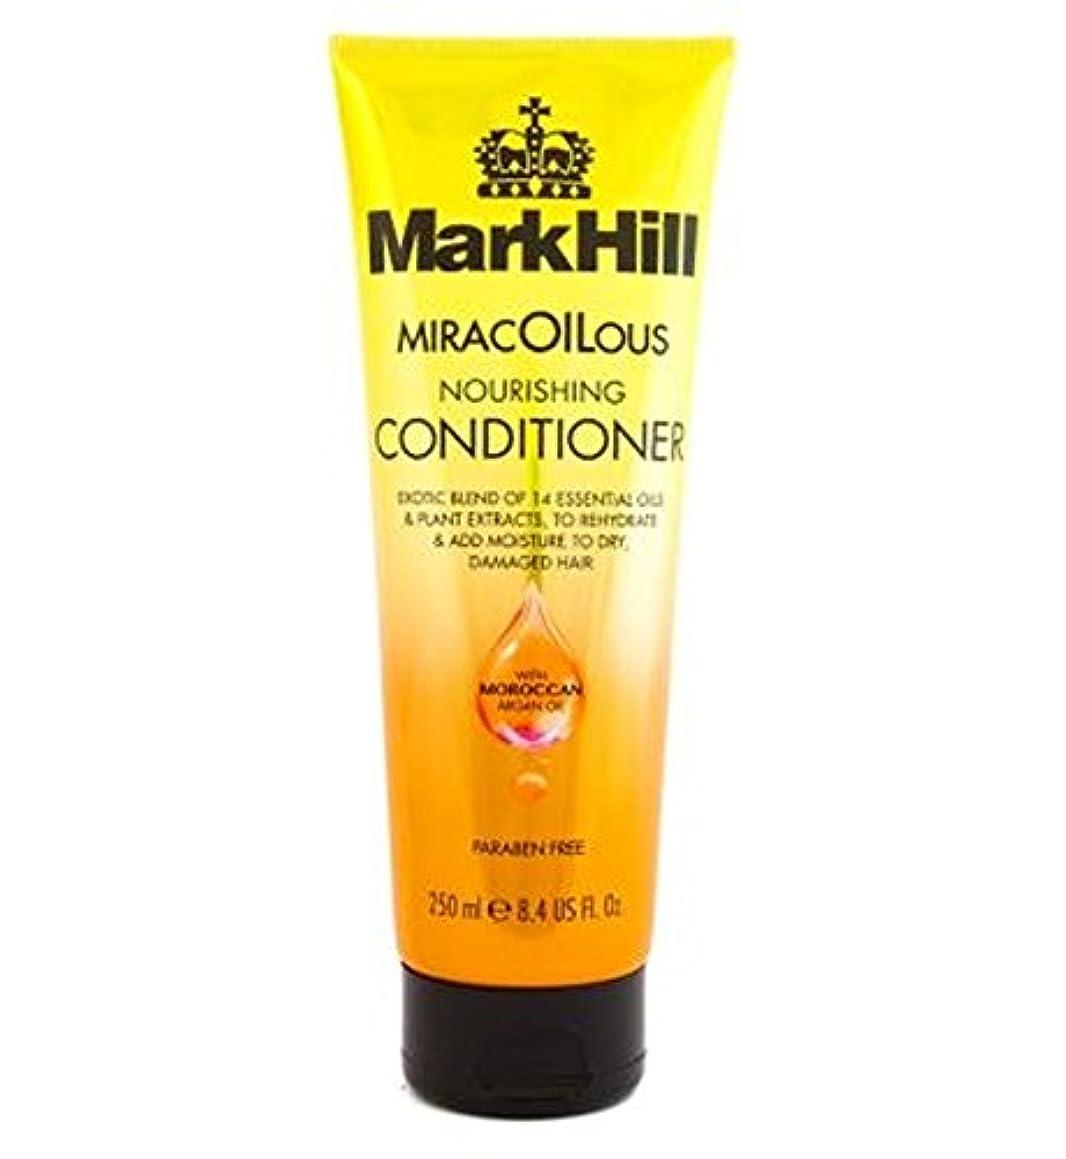 時々時々セットアップ検査官Mark Hill MiracOILicious Conditioner 250ml - マーク丘Miracoiliciousコンディショナー250Ml (Mark Hill) [並行輸入品]